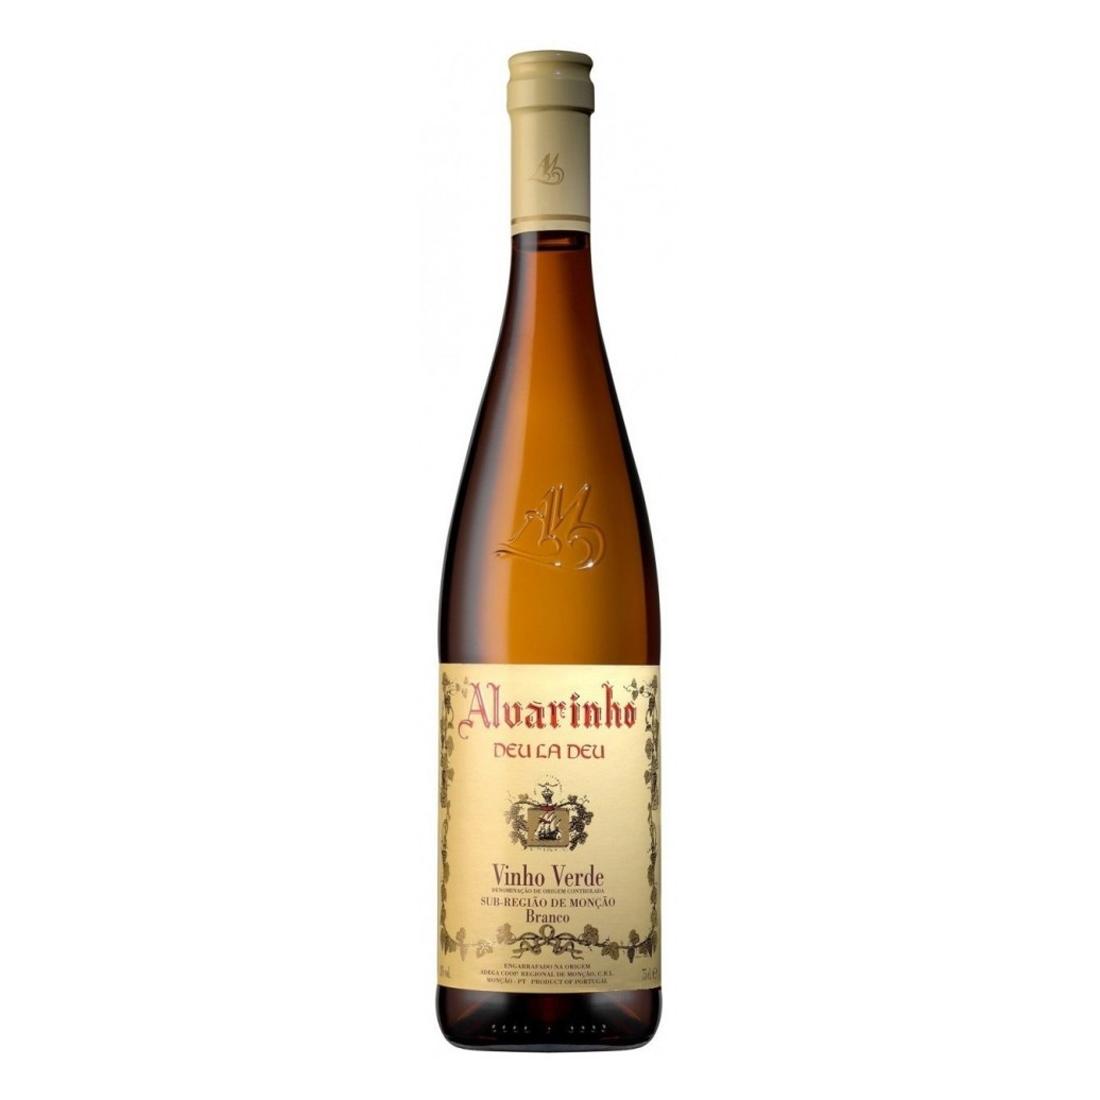 Vinho Verde Deu la Deu Alvarinho 750 ml